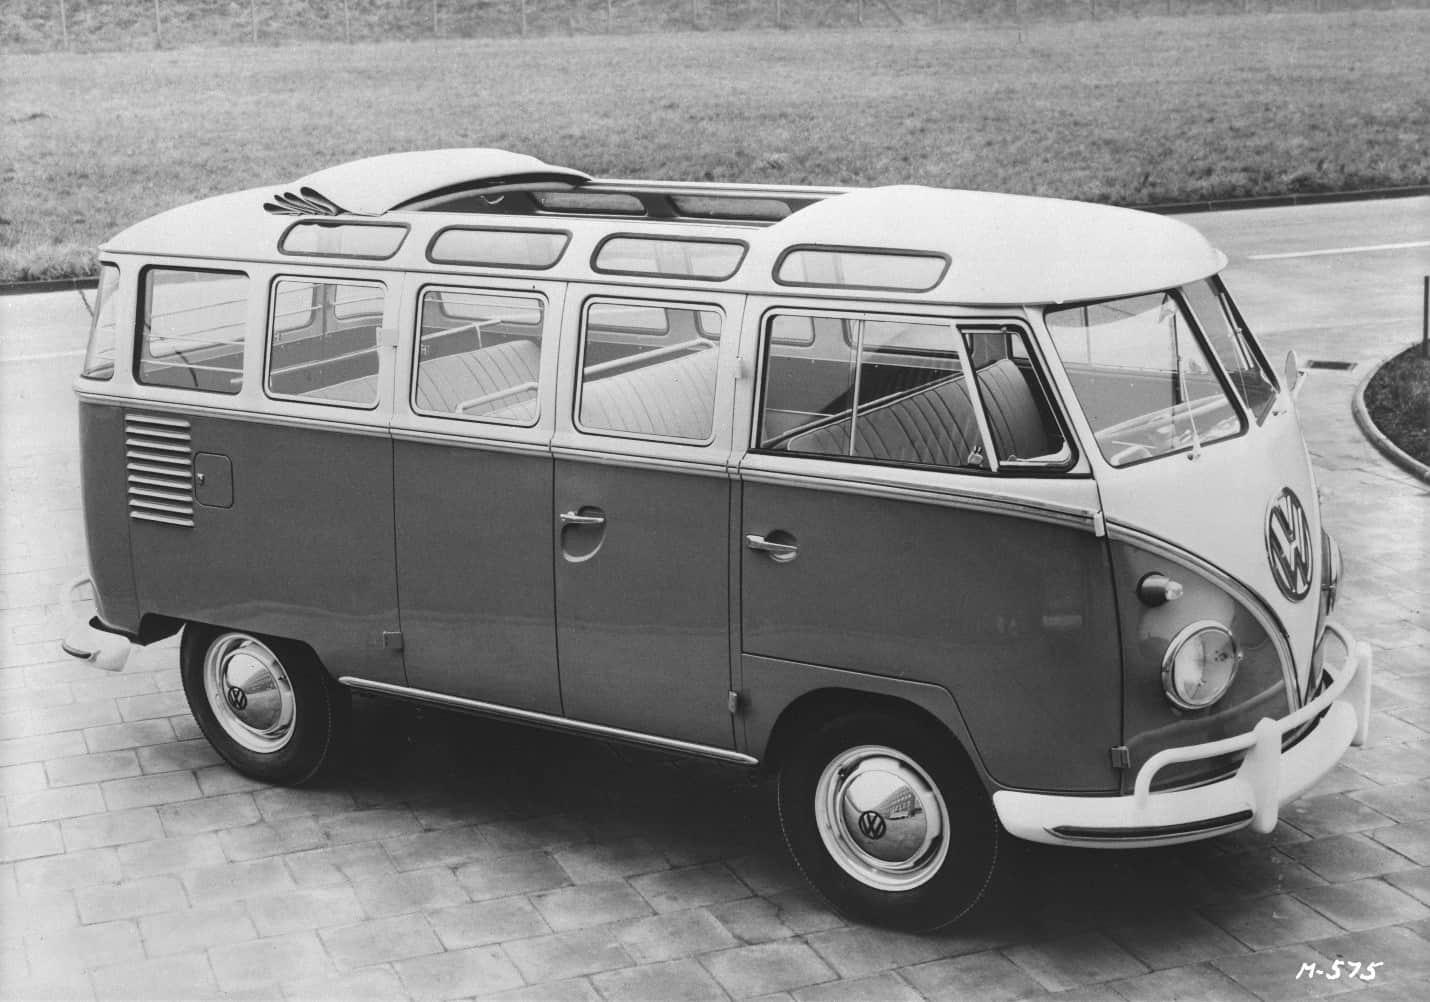 23-window Volkswagen Microbus